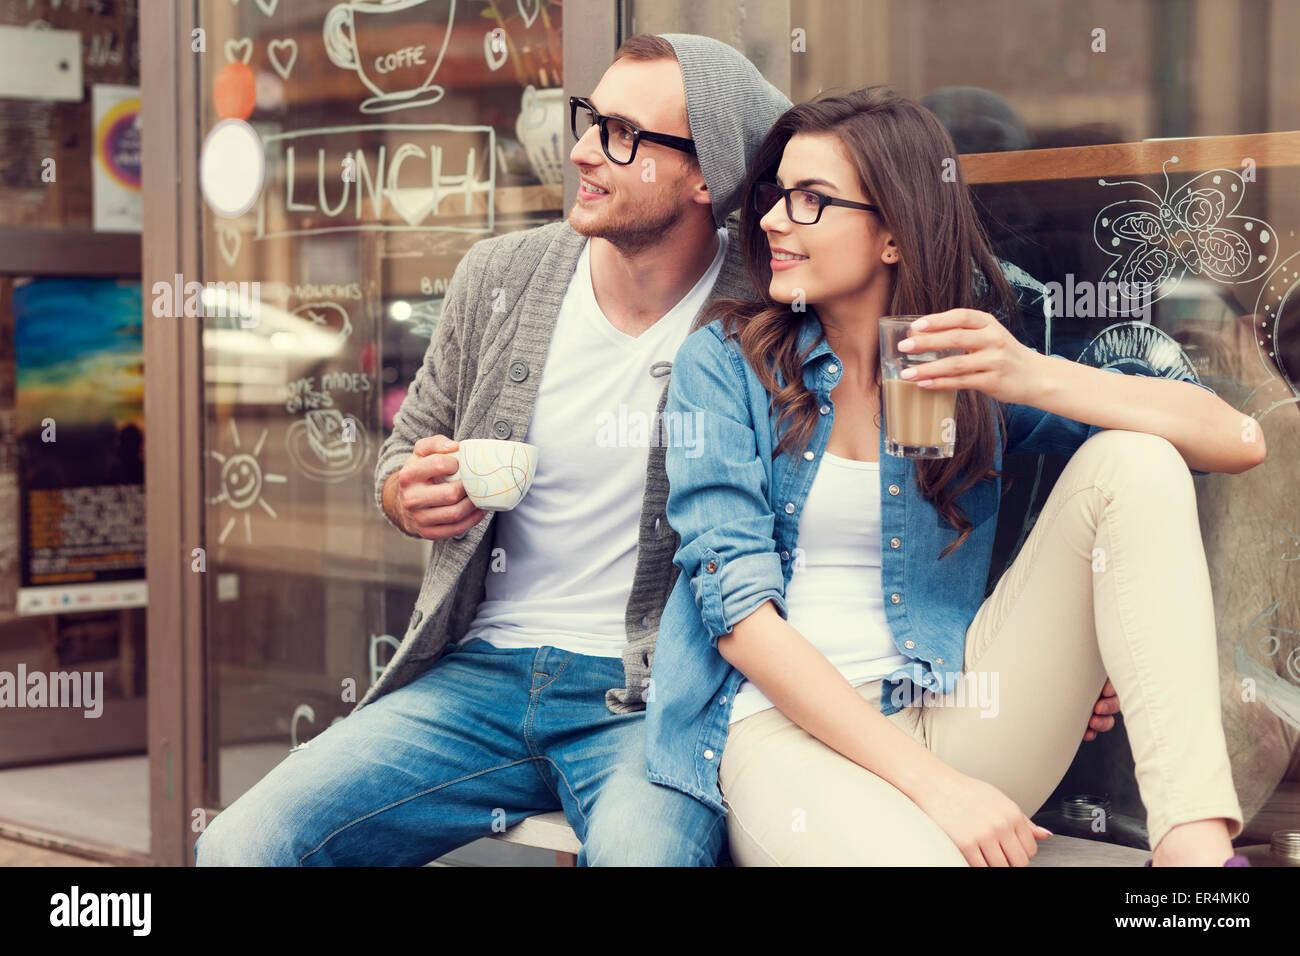 Retrato de pareja elegante en el exterior del café. Cracovia, Polonia Imagen De Stock